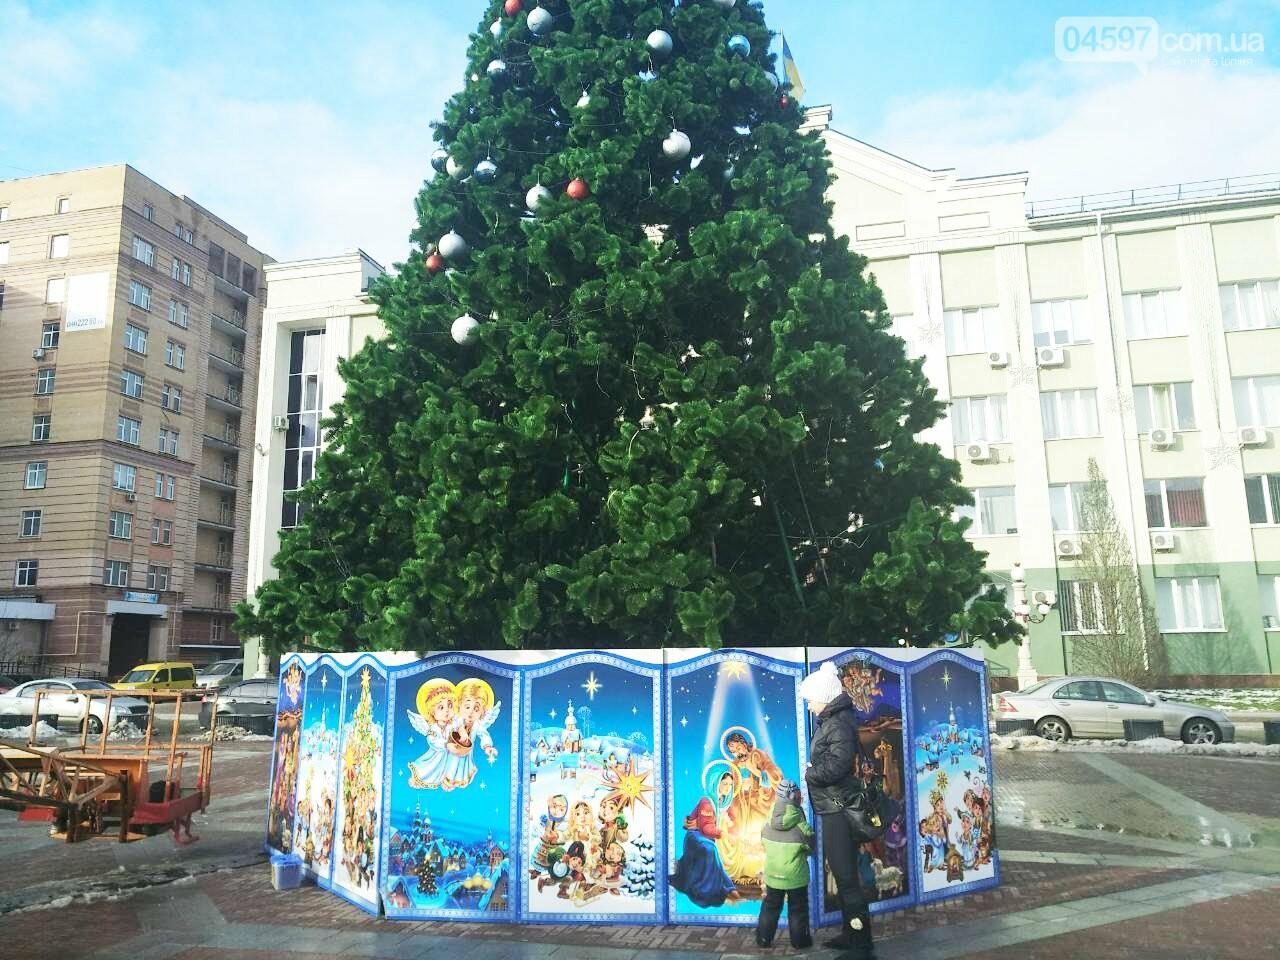 В Ірпені почали демонтаж головної ялинки міста, фото-2